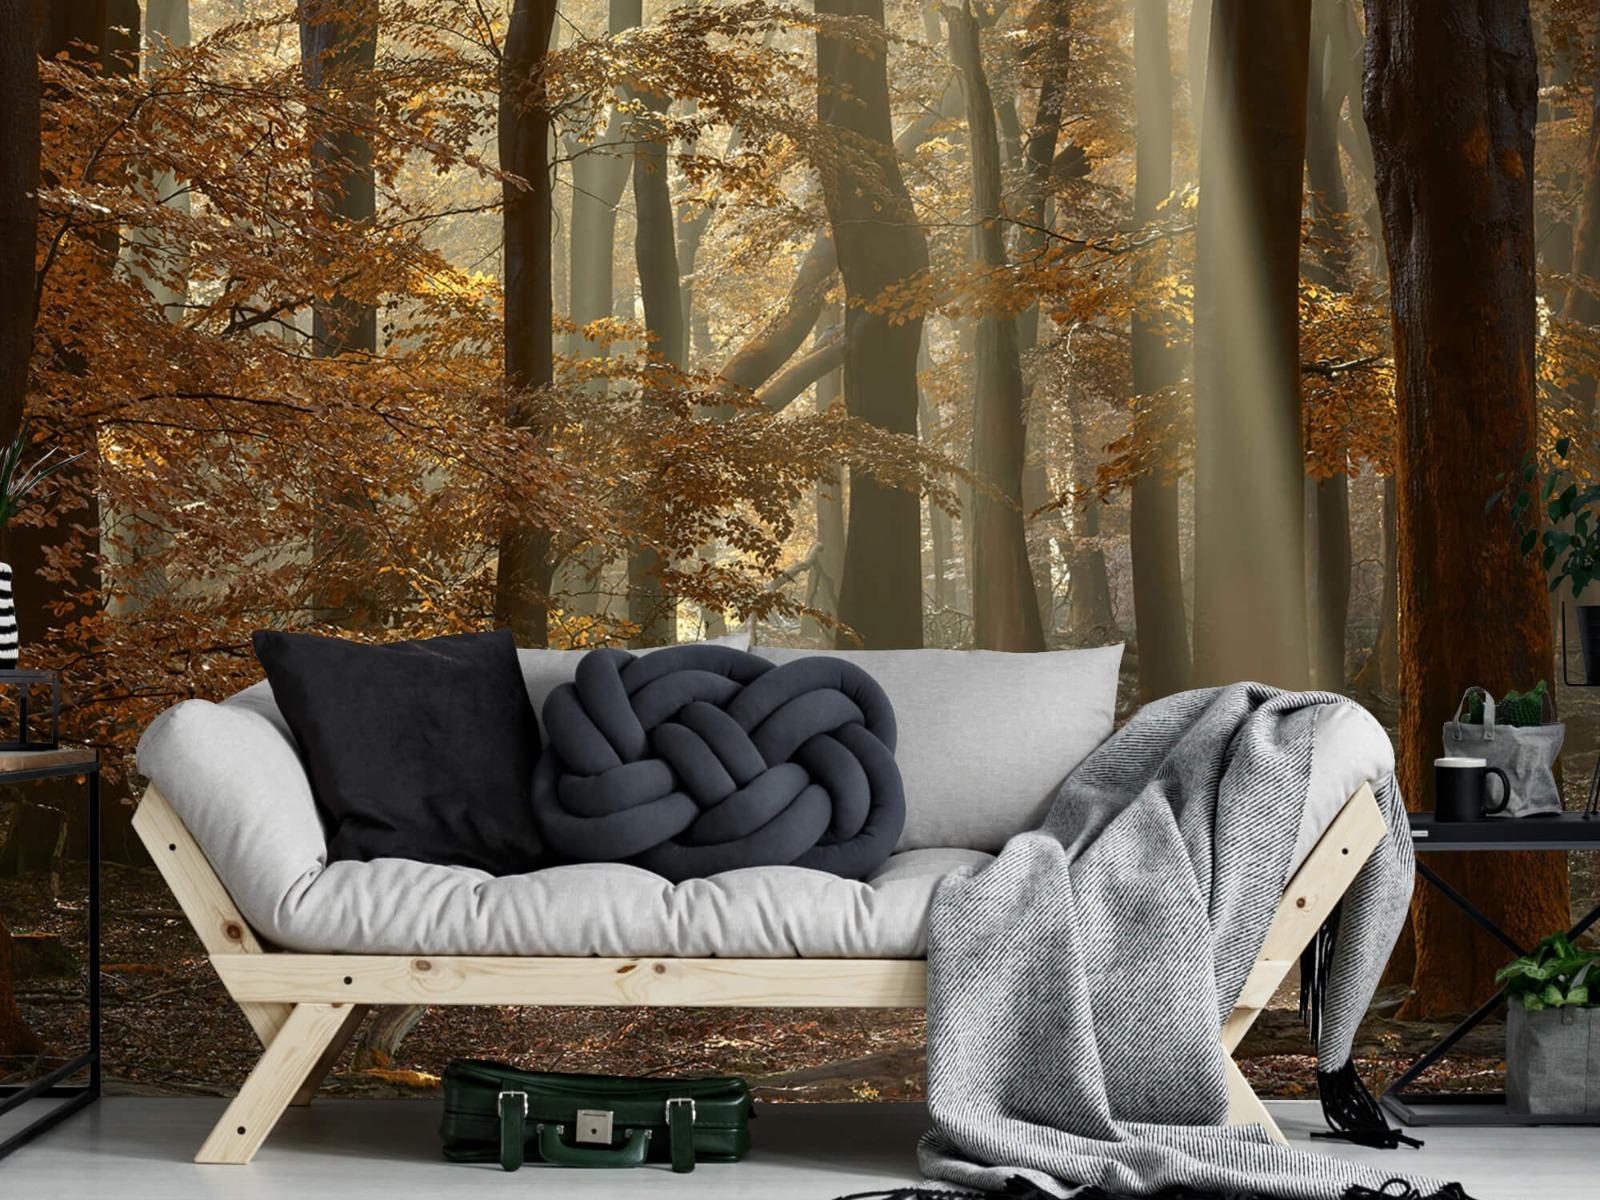 Bos behang - Herfstkleuren in het bos - Slaapkamer 9